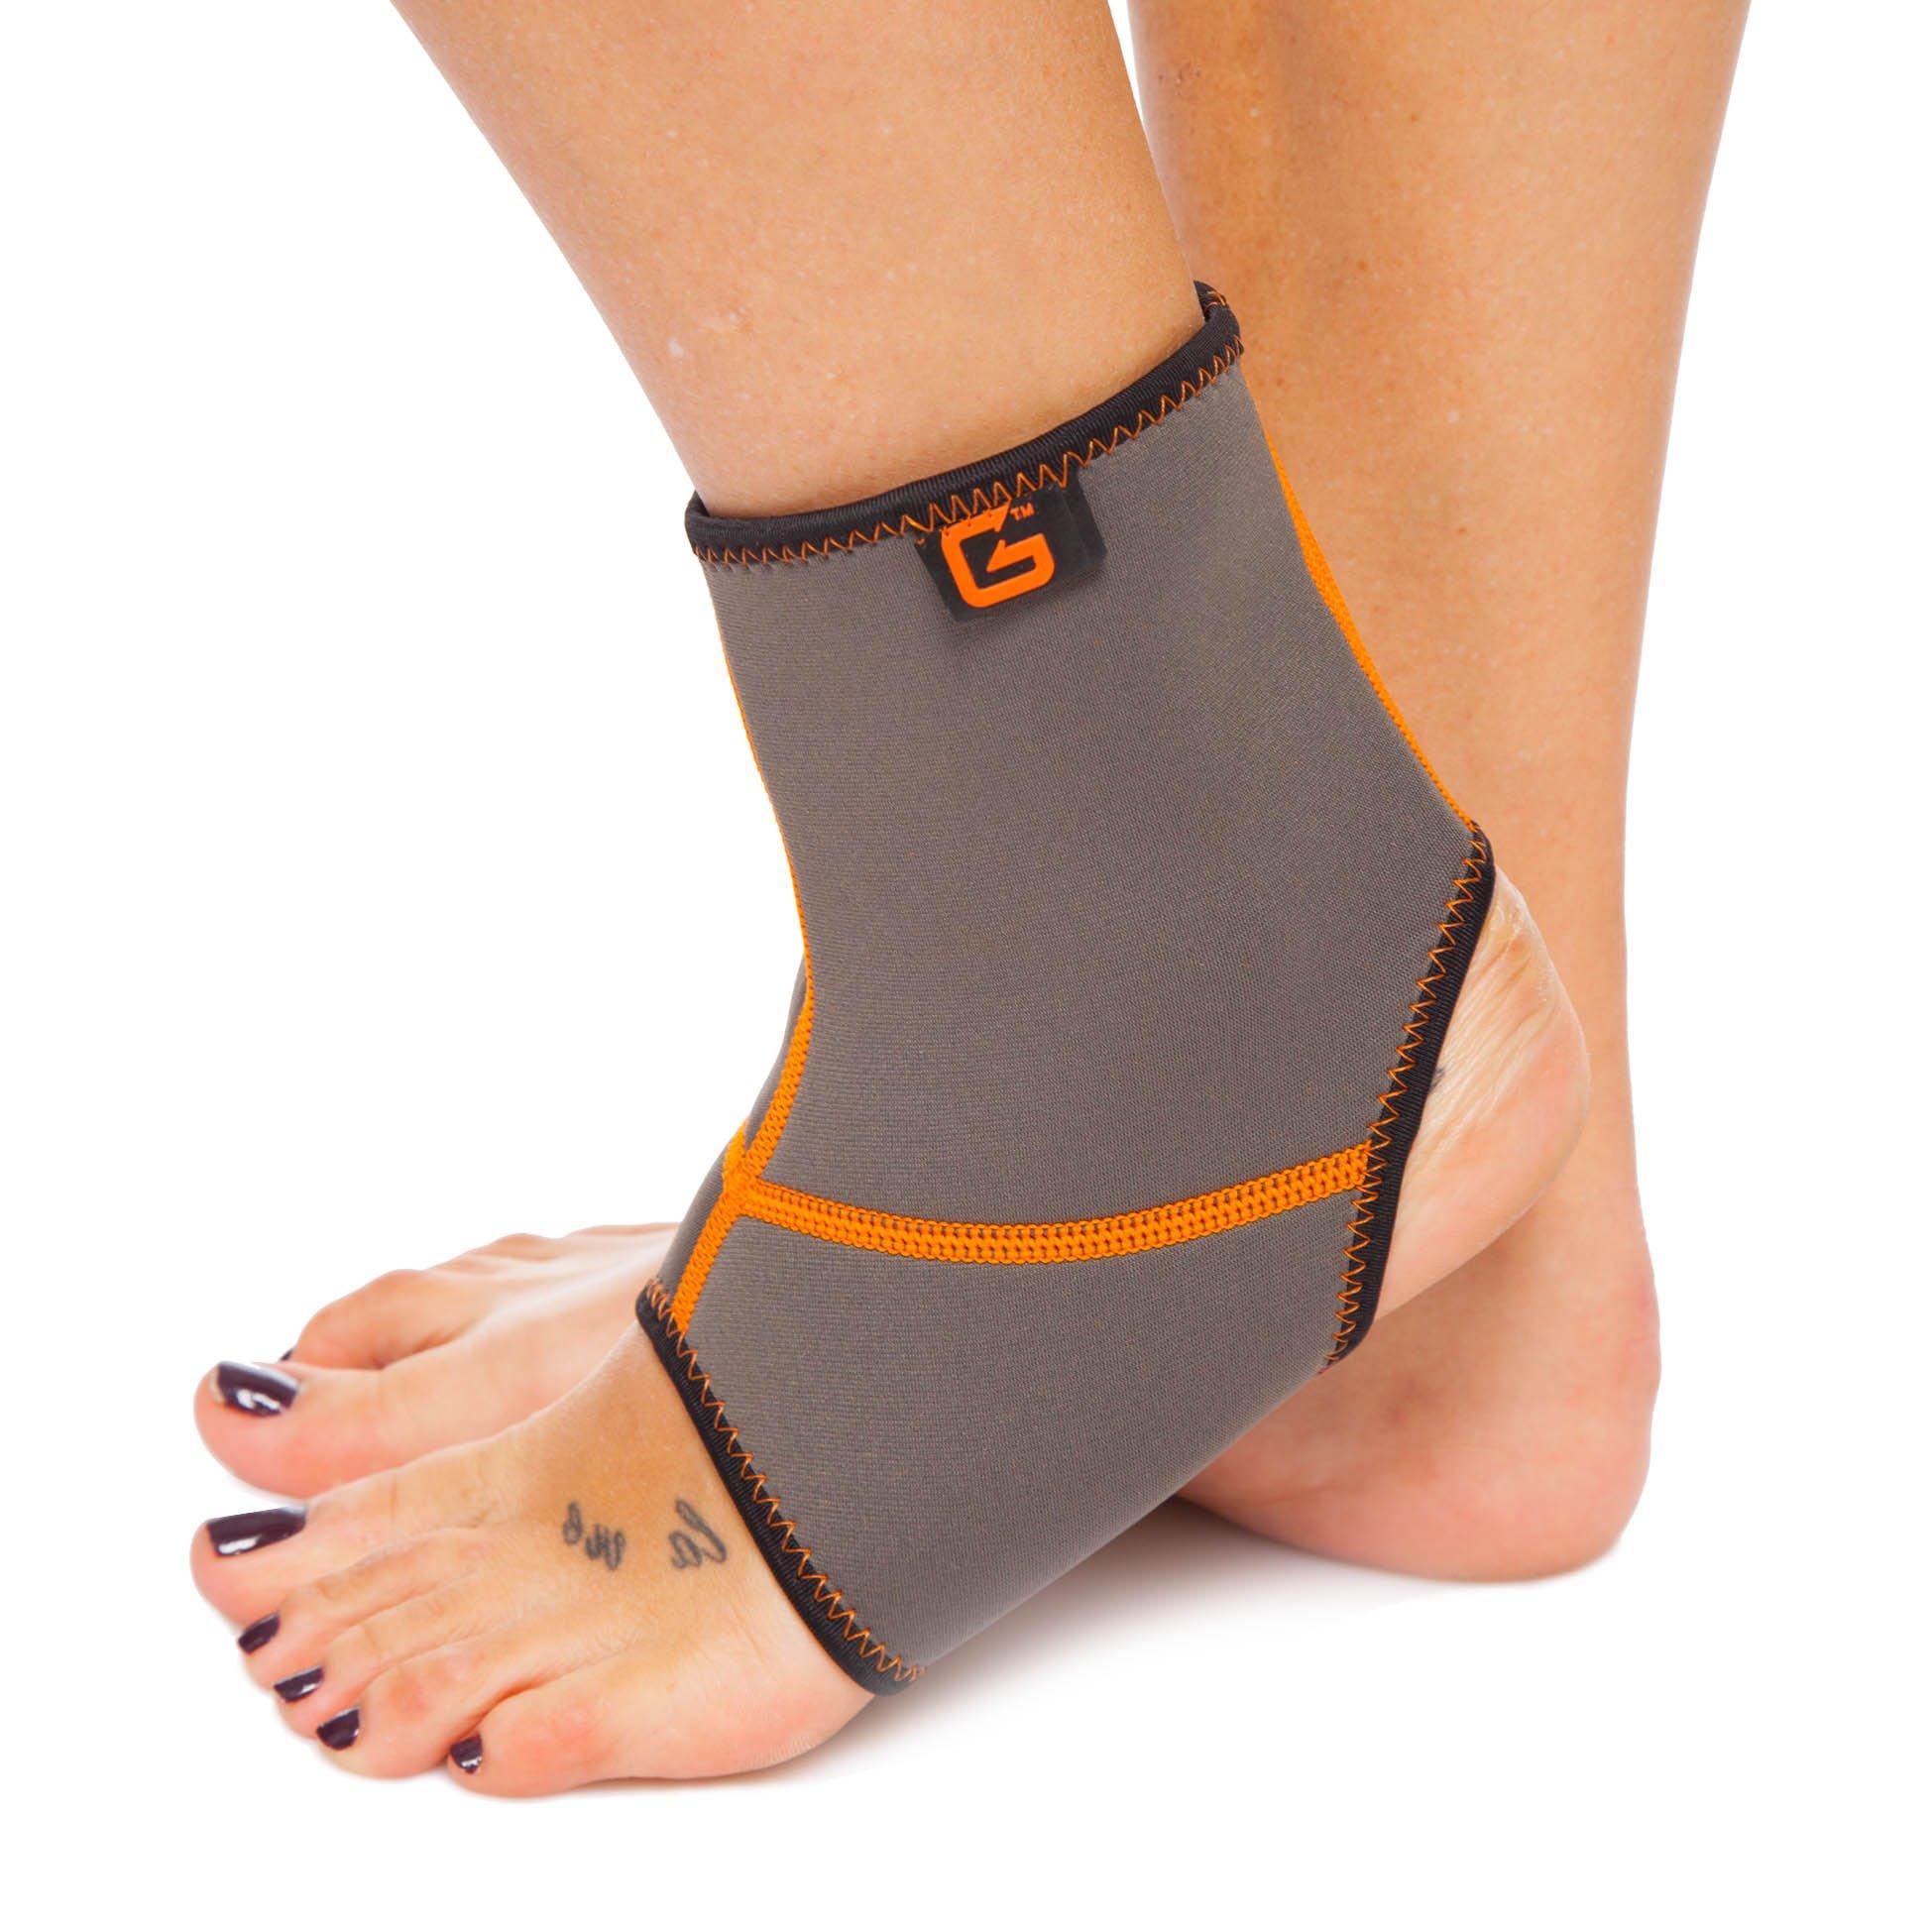 Голеностоп (бандаж голеностопного сустава) неопреновый (1шт) (NY, каучук,р-р S-XL,серый-оранжевый)